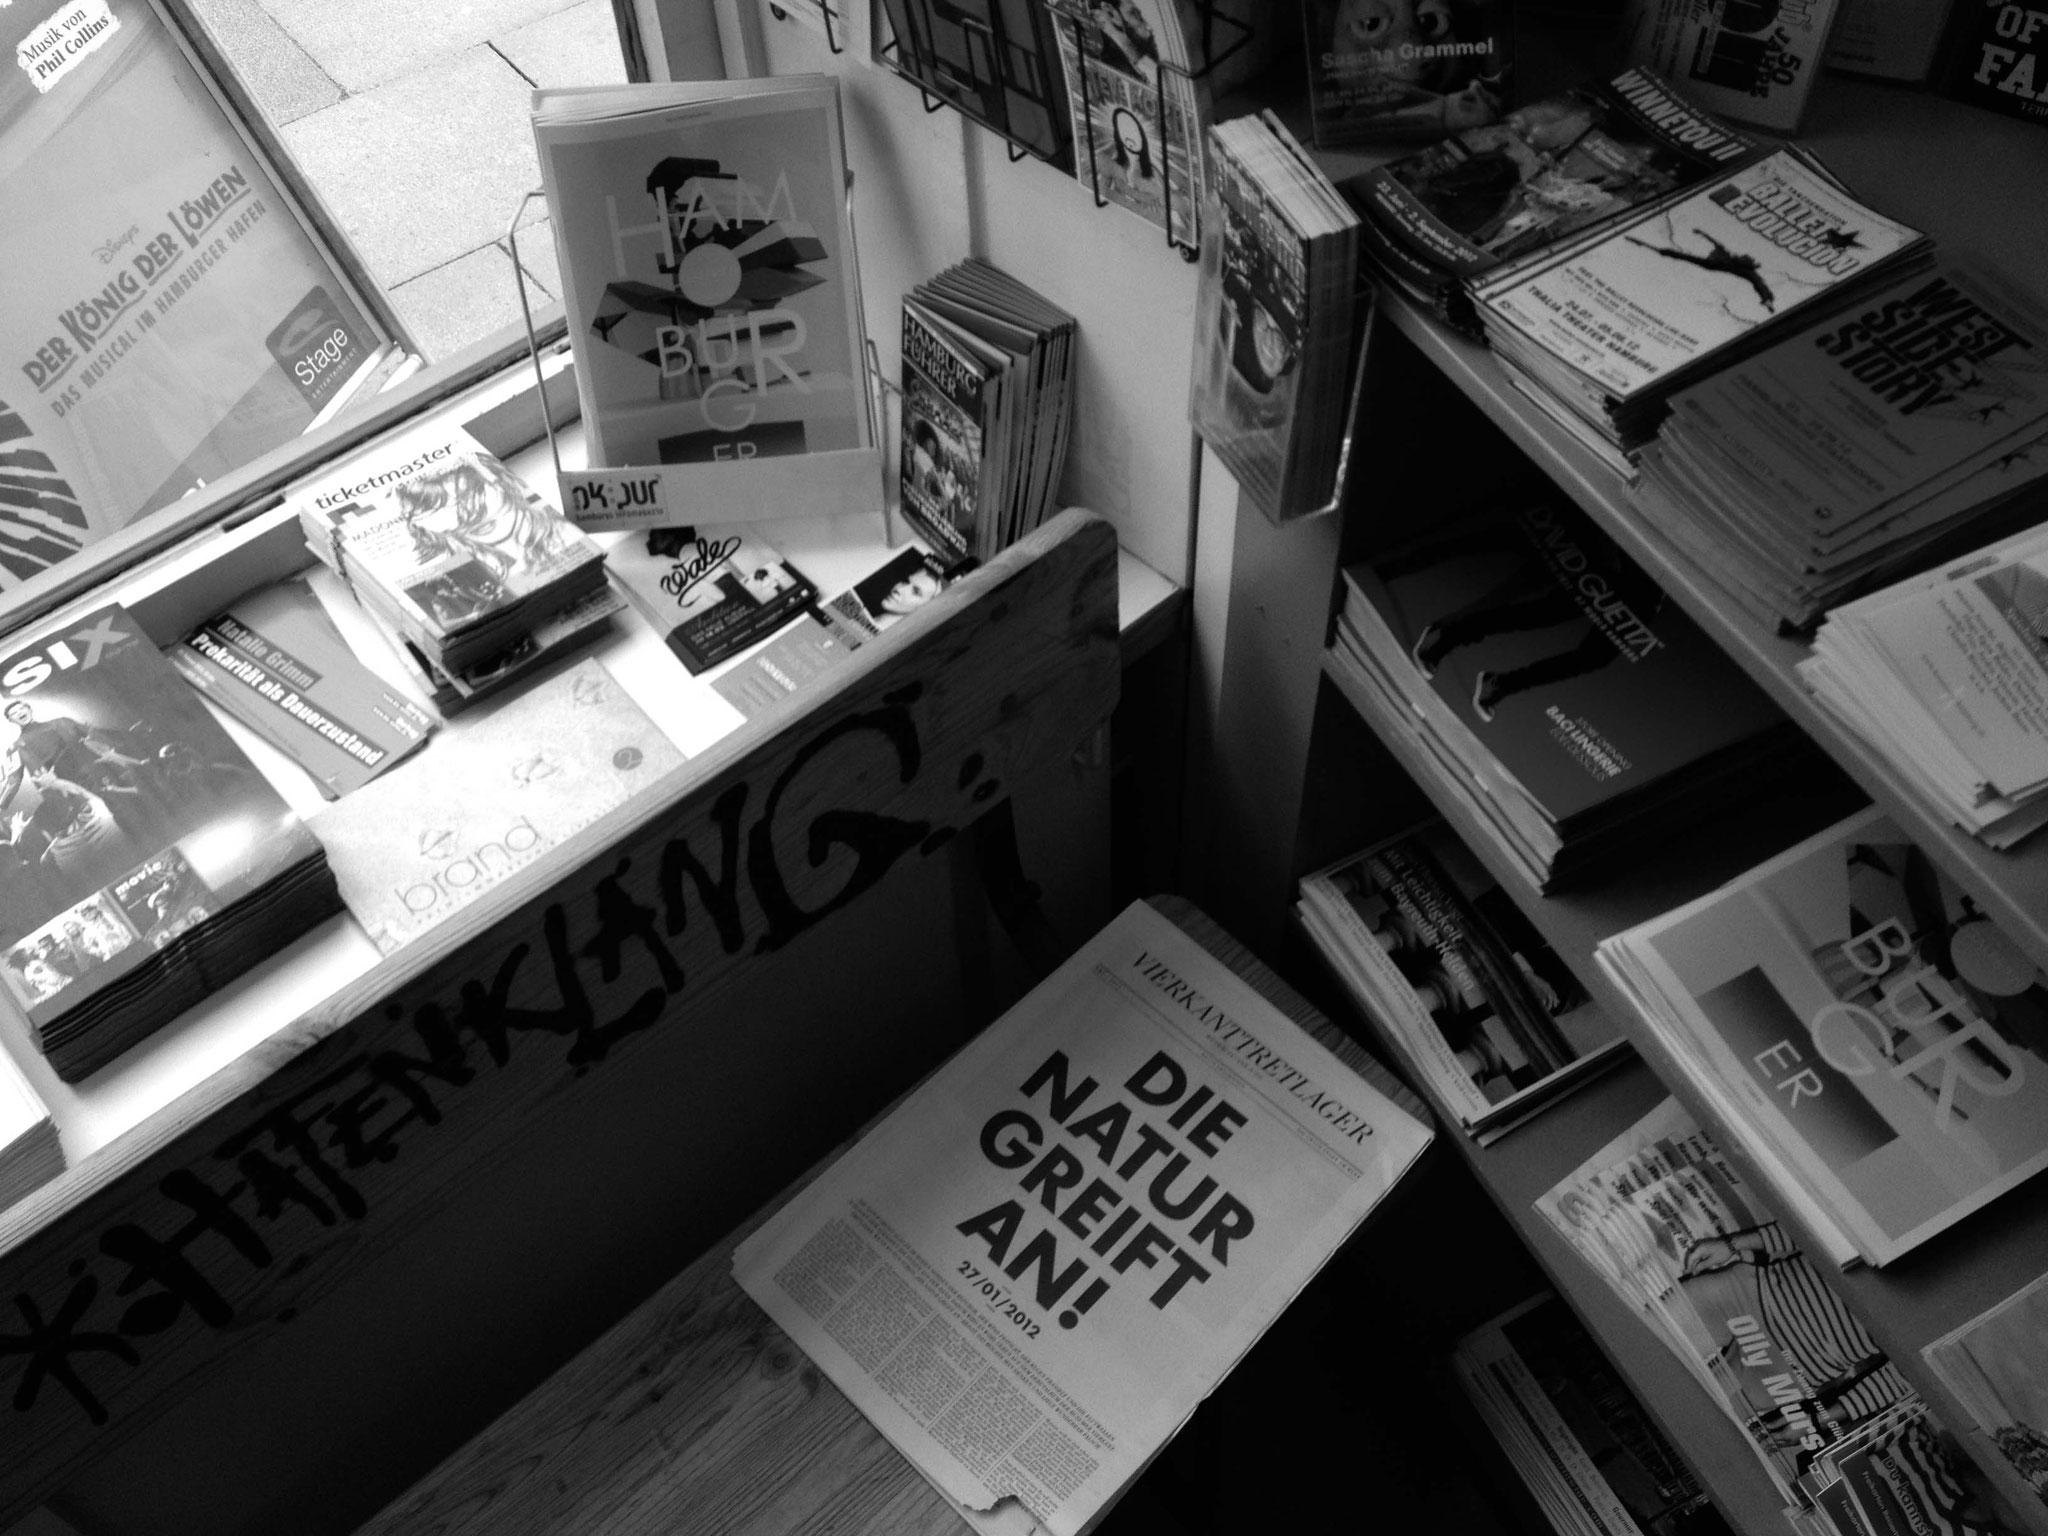 Vierkanttretlager - Magazinauslage